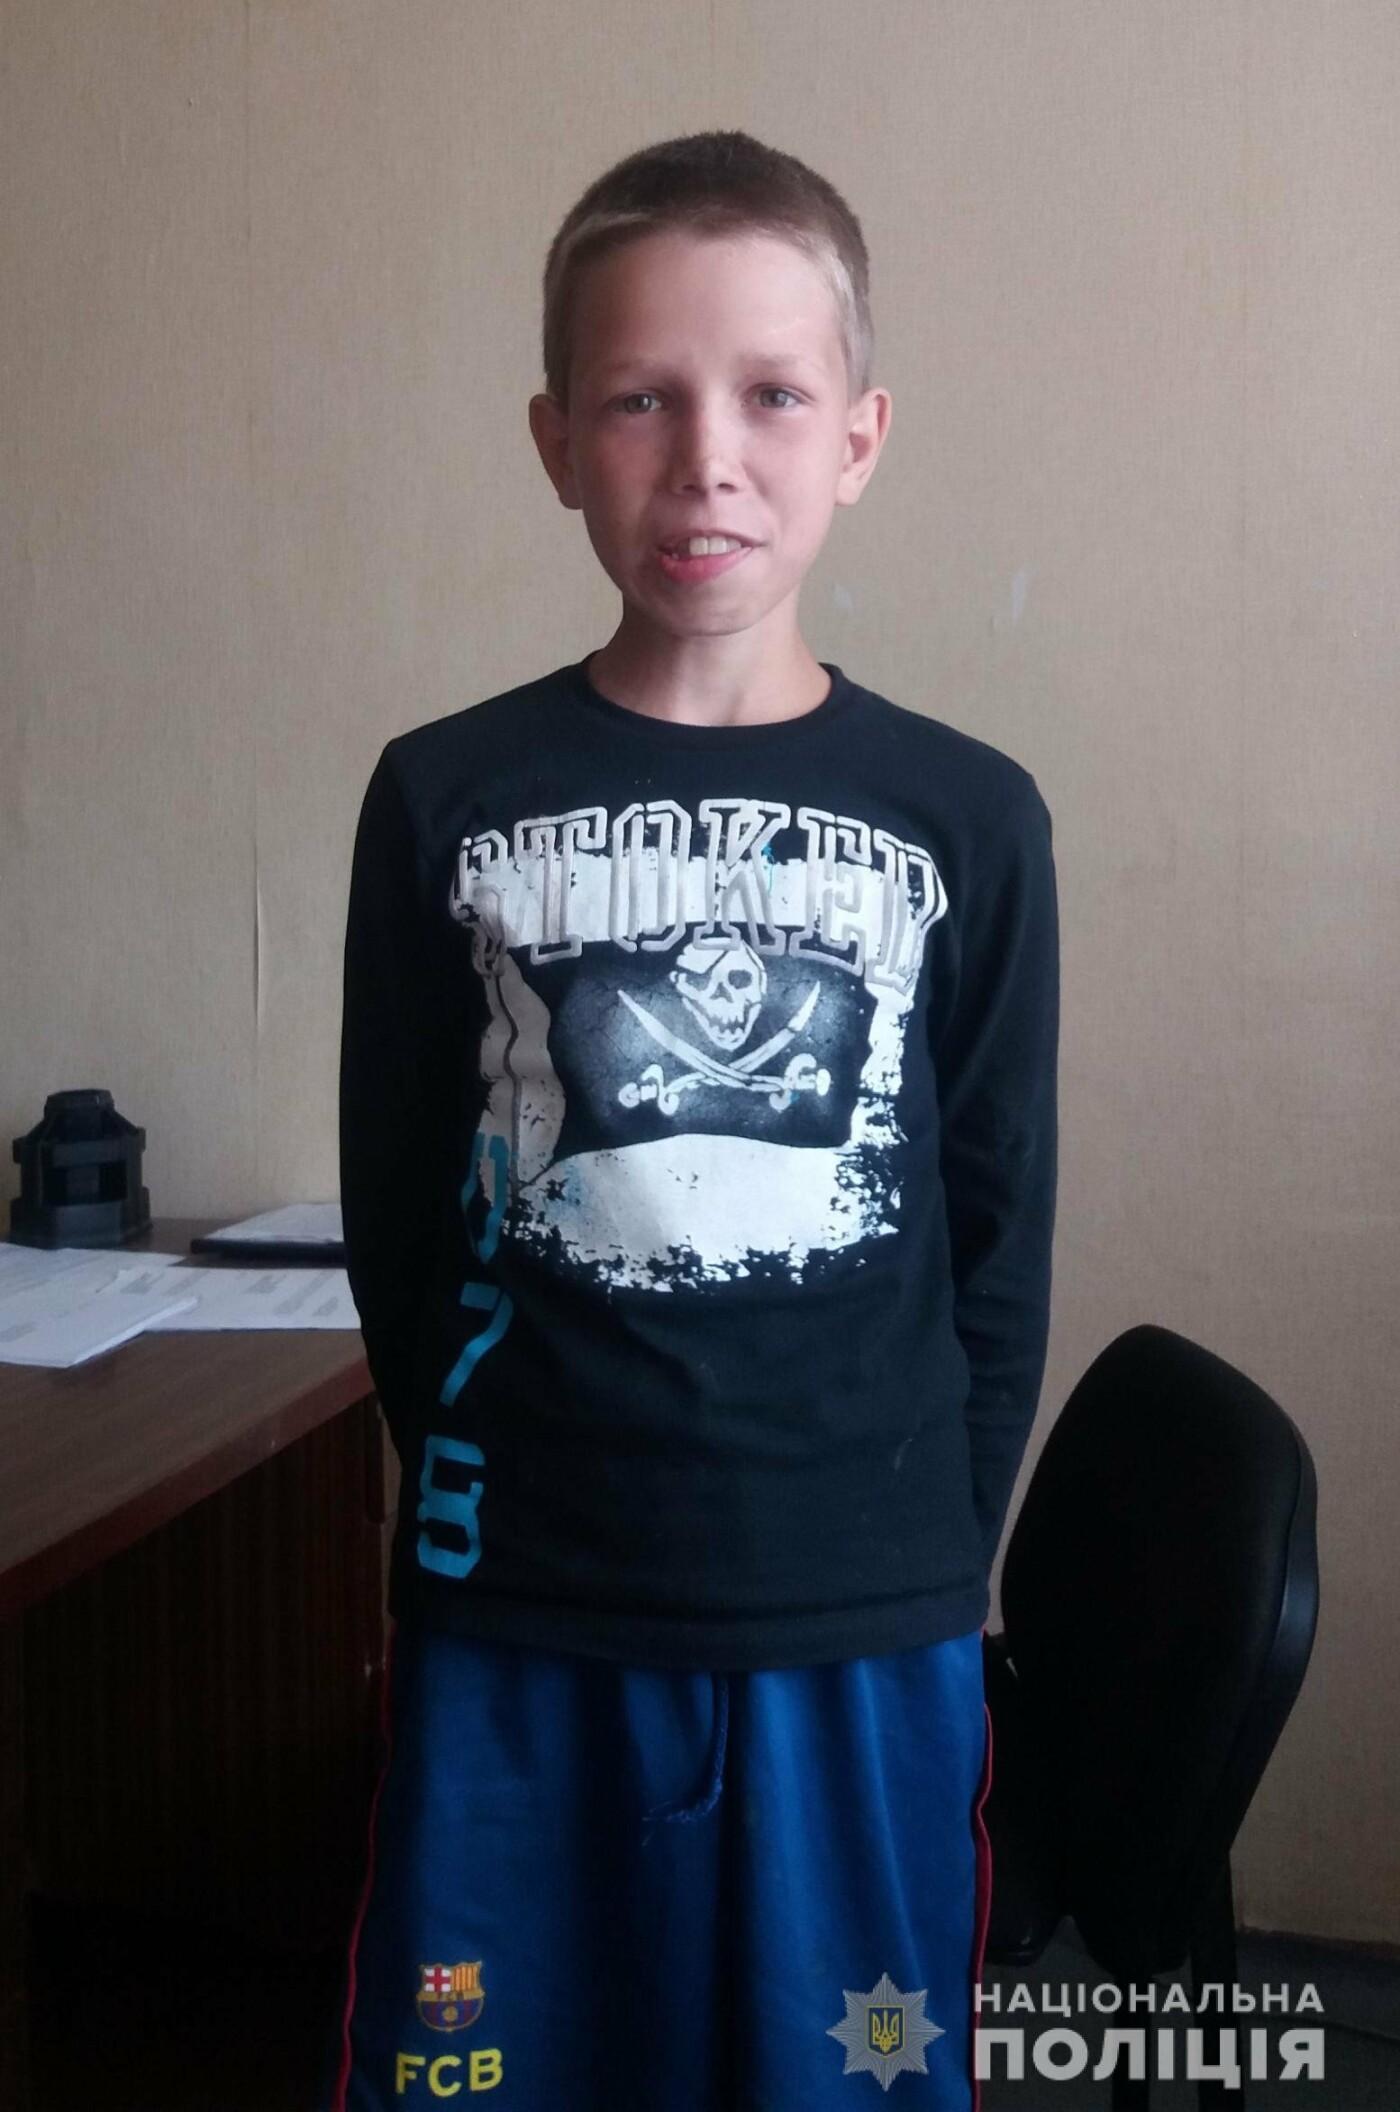 Харьковская полиция просит помощи в поиске пропавшего ребенка, - ФОТО, фото-1